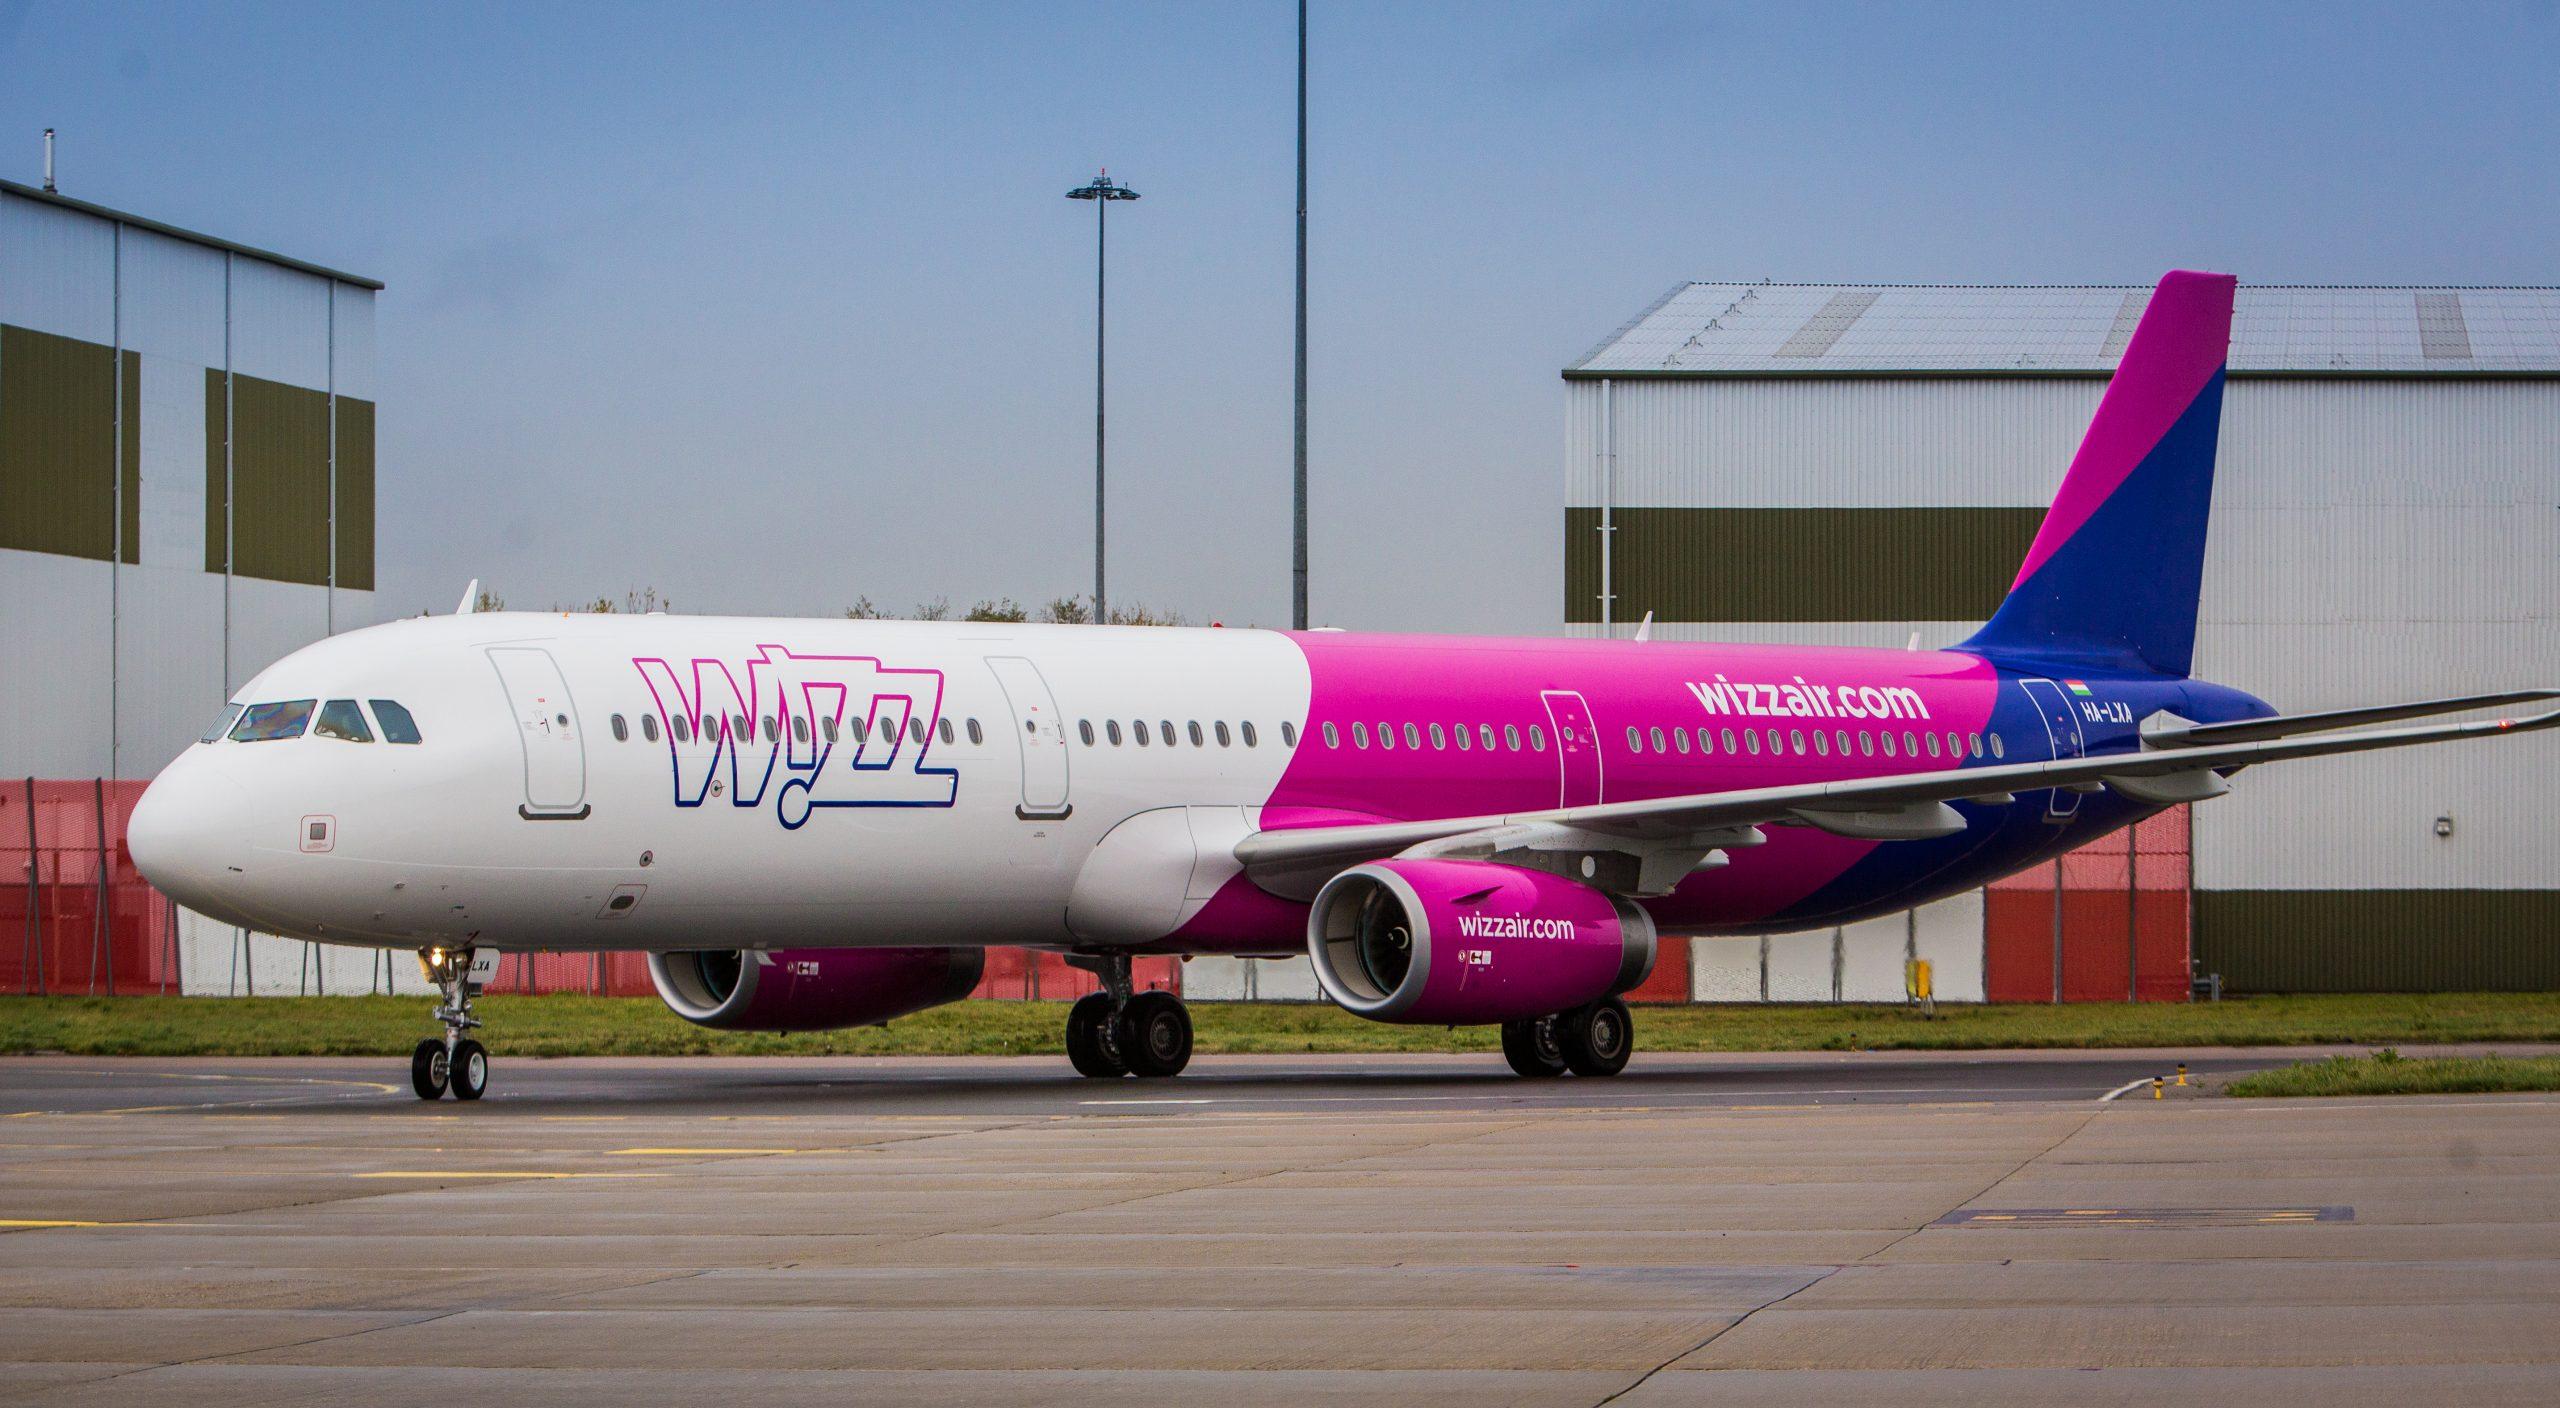 En Airbus A321-200 fra det ungarske lavprisflyselskab Wizz Air. Foto: Wizz Air